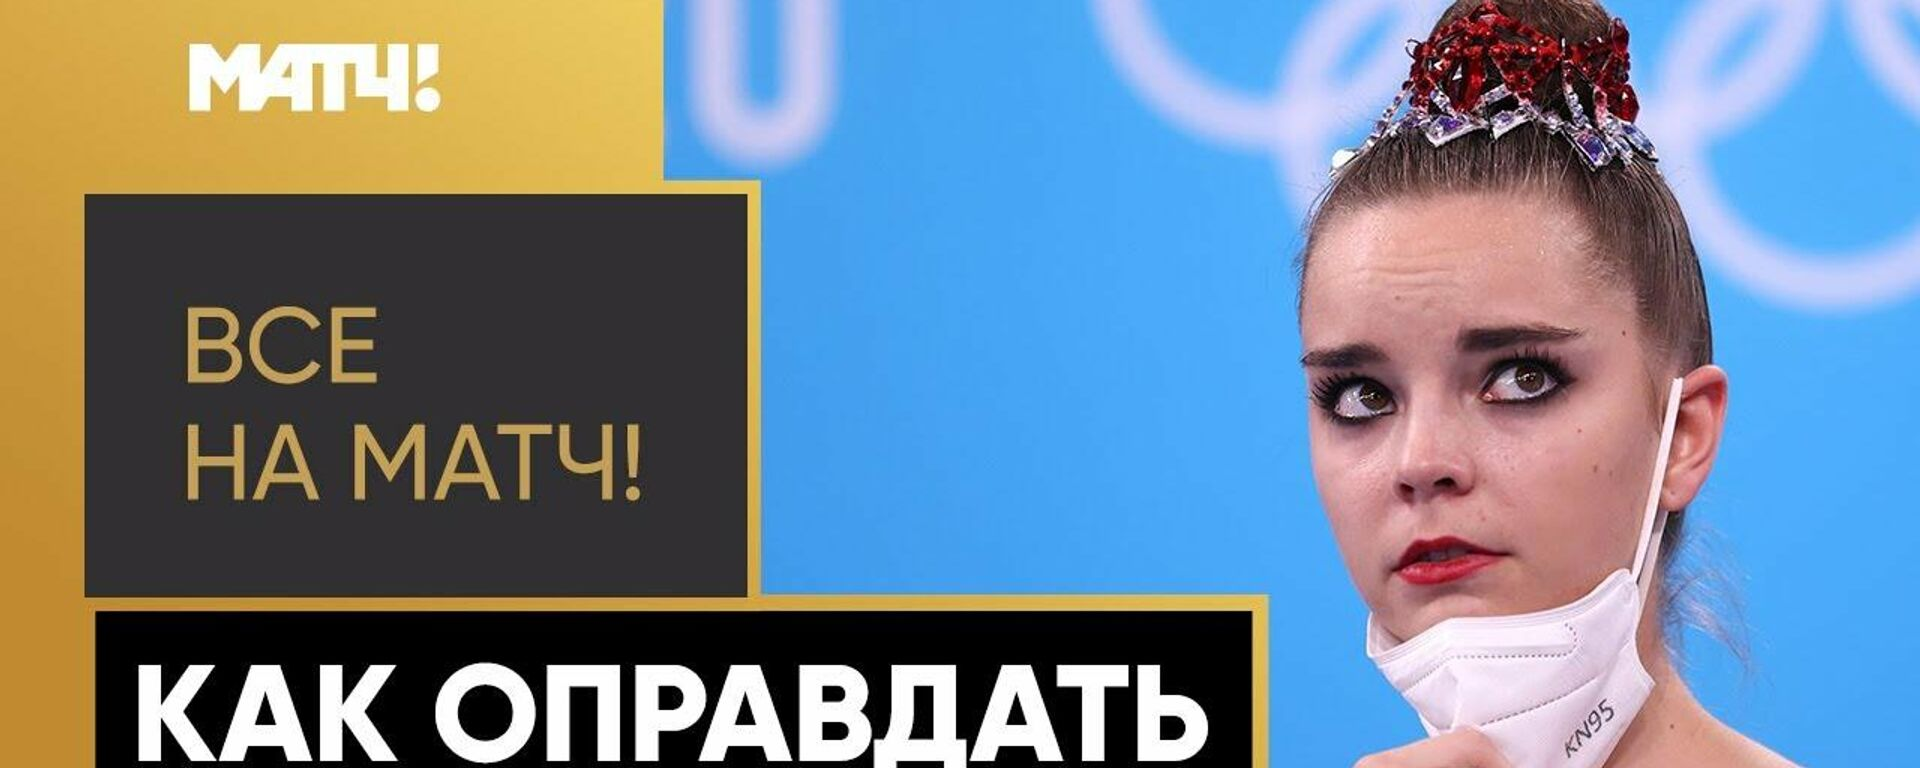 Самый громкий скандал Олимпиады: россиянку лишили заслуженного золота - Sputnik Латвия, 1920, 08.08.2021